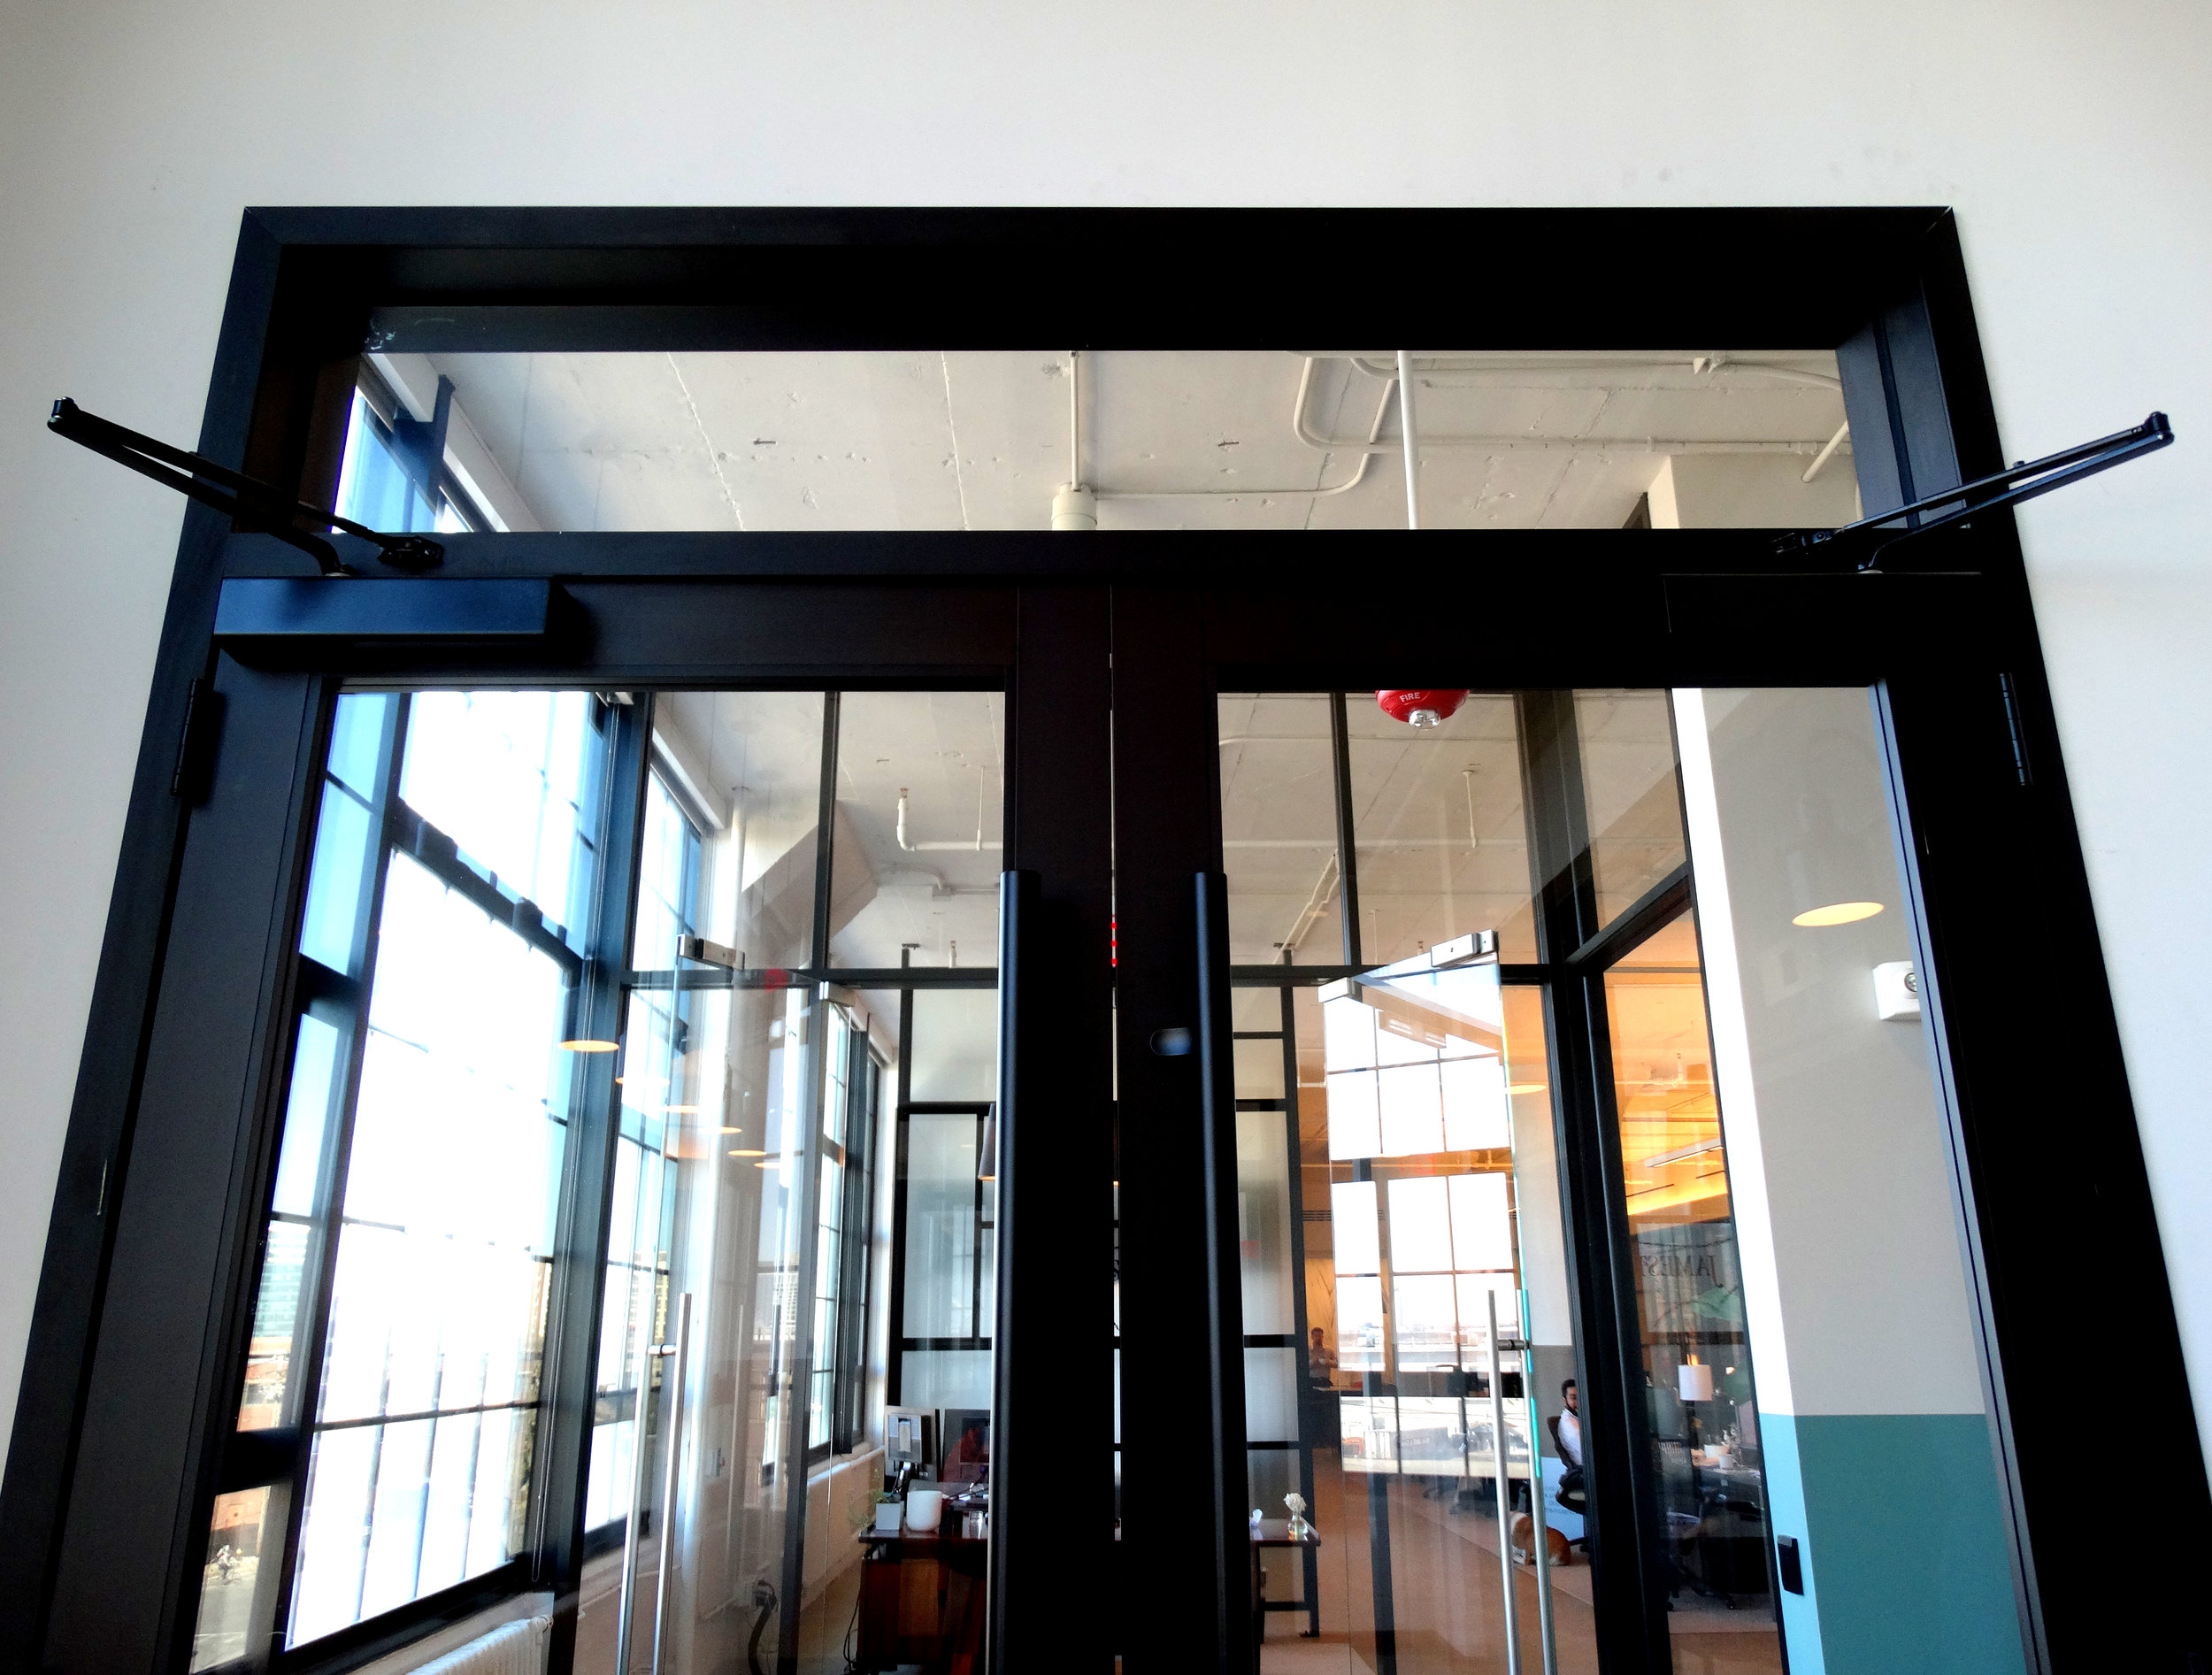 Encase Black Anodized Aluminum Framed Door Glass Transom - Spaceworks AI.jpg